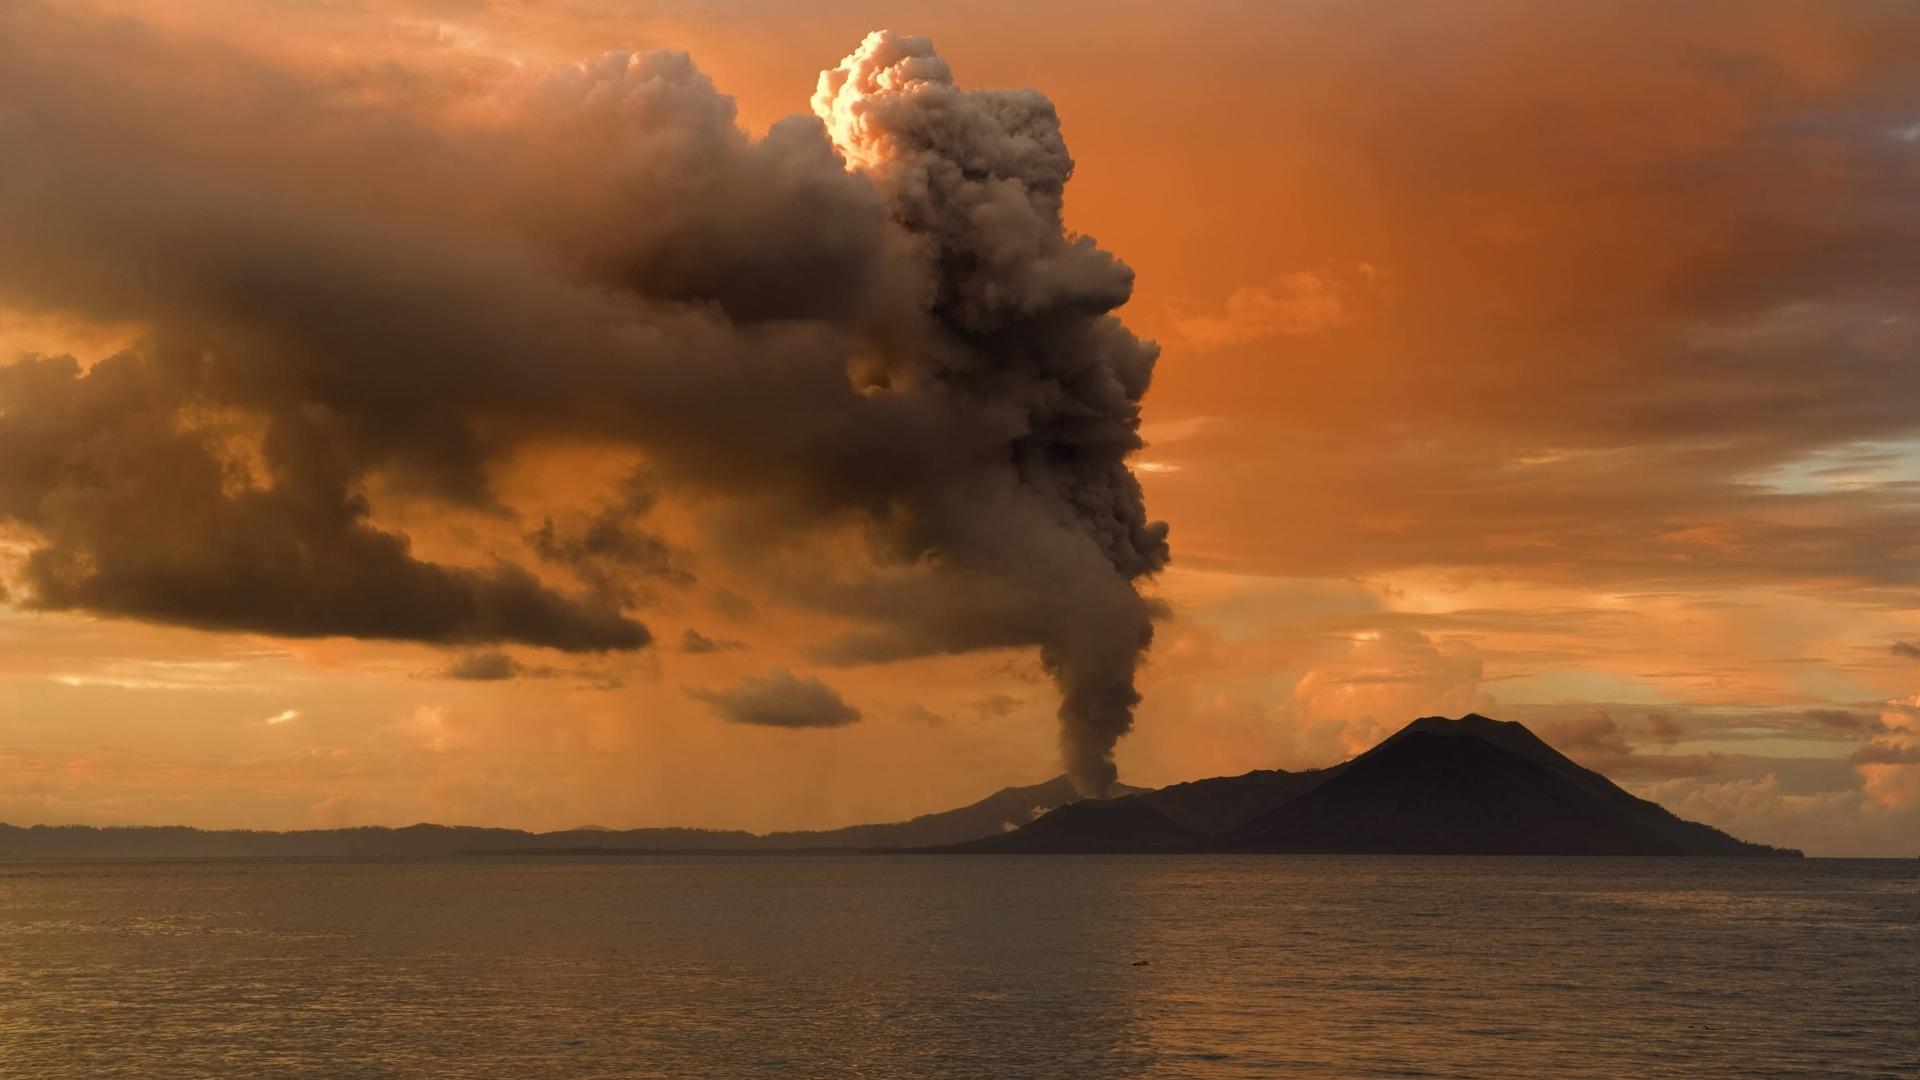 Апокалипсис под вопросом: нынешнее изменение климата оказалось умереннее предыдущего